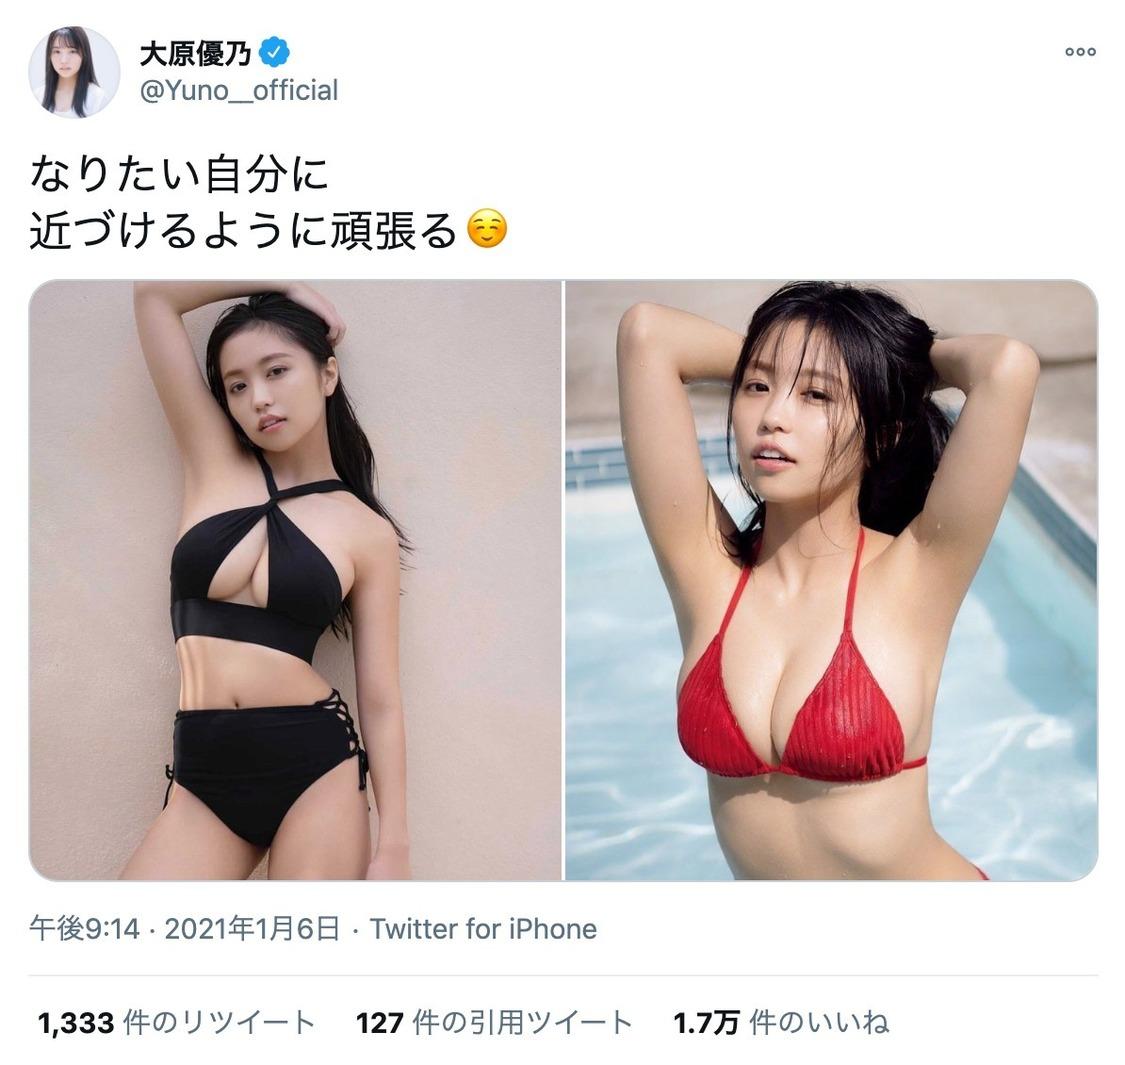 大原優乃公式Twitterより